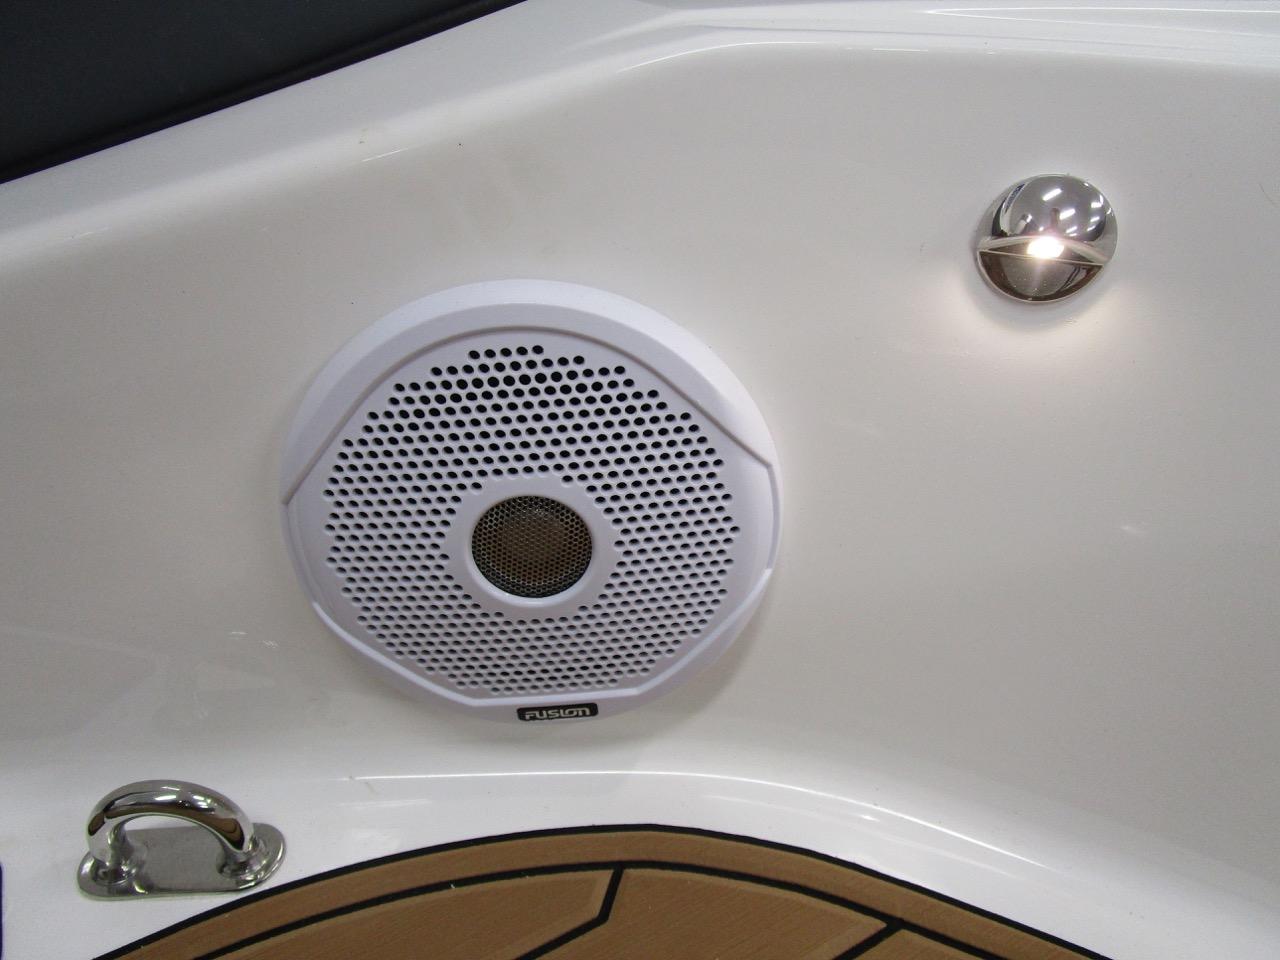 E780 forward speakers and LED deck lighting